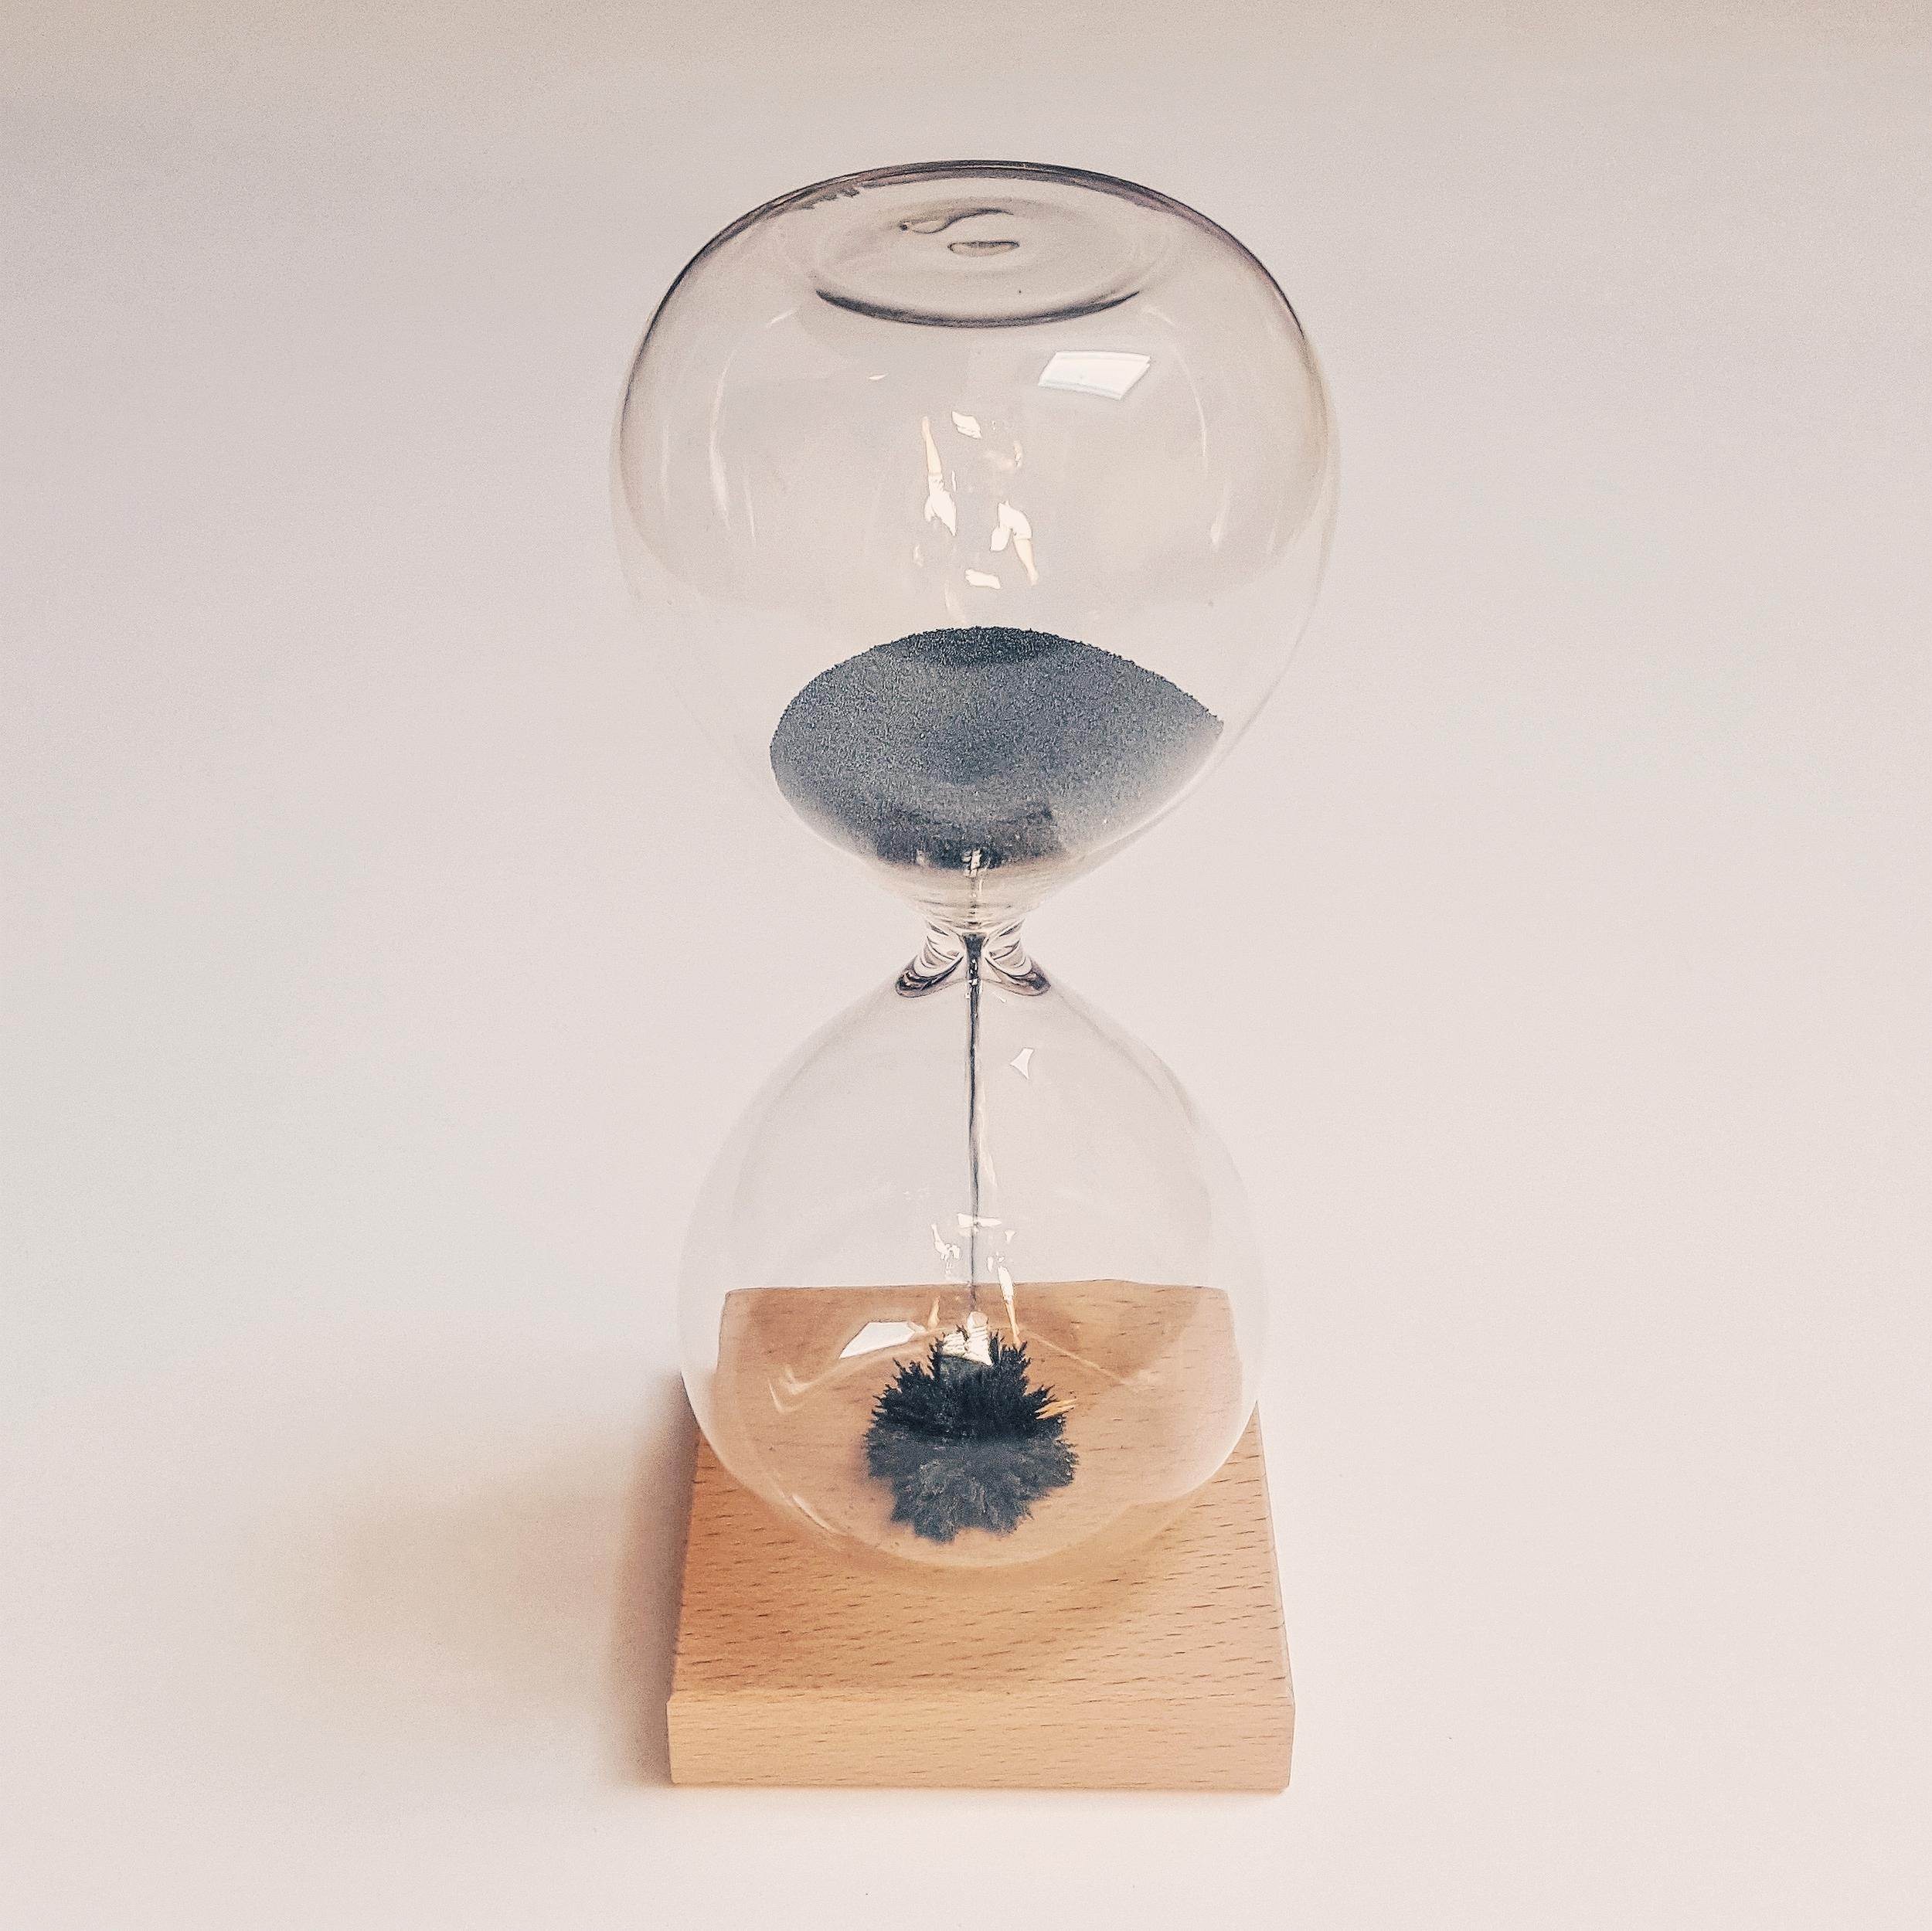 Sablier magnétique - 1 minute